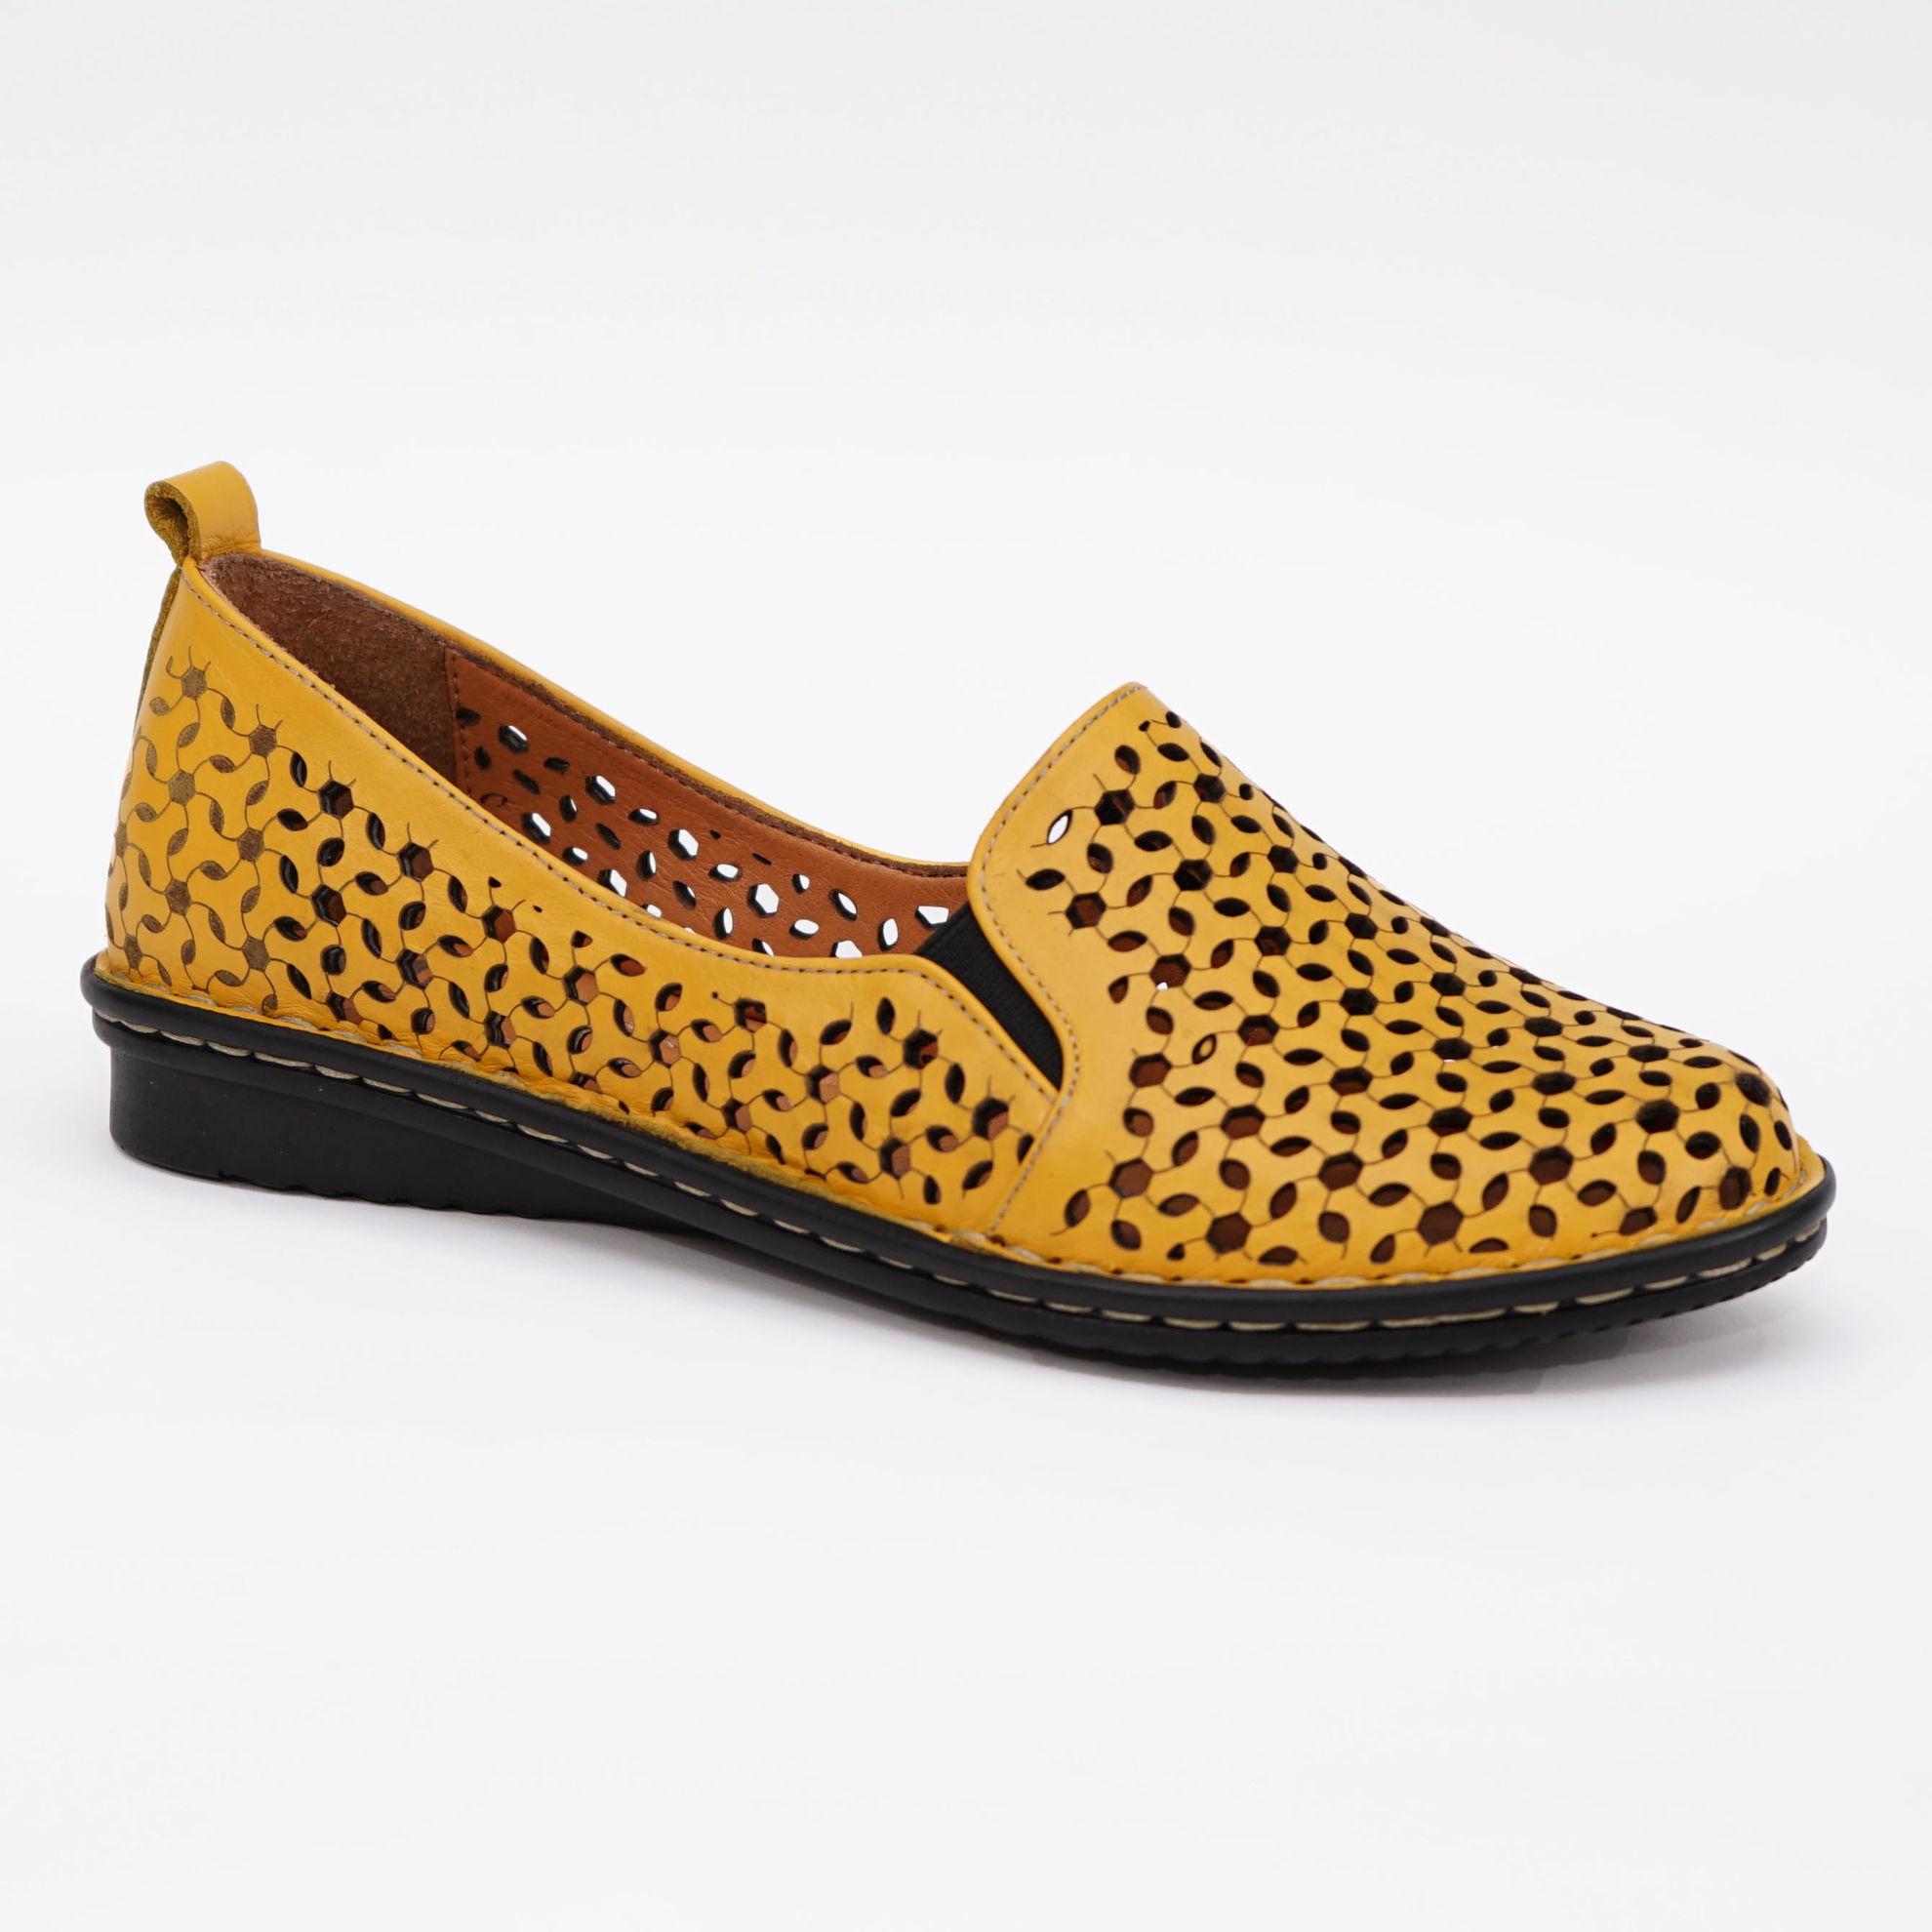 Imagine Pantofi perforati damă piele naturală T 4000 galben